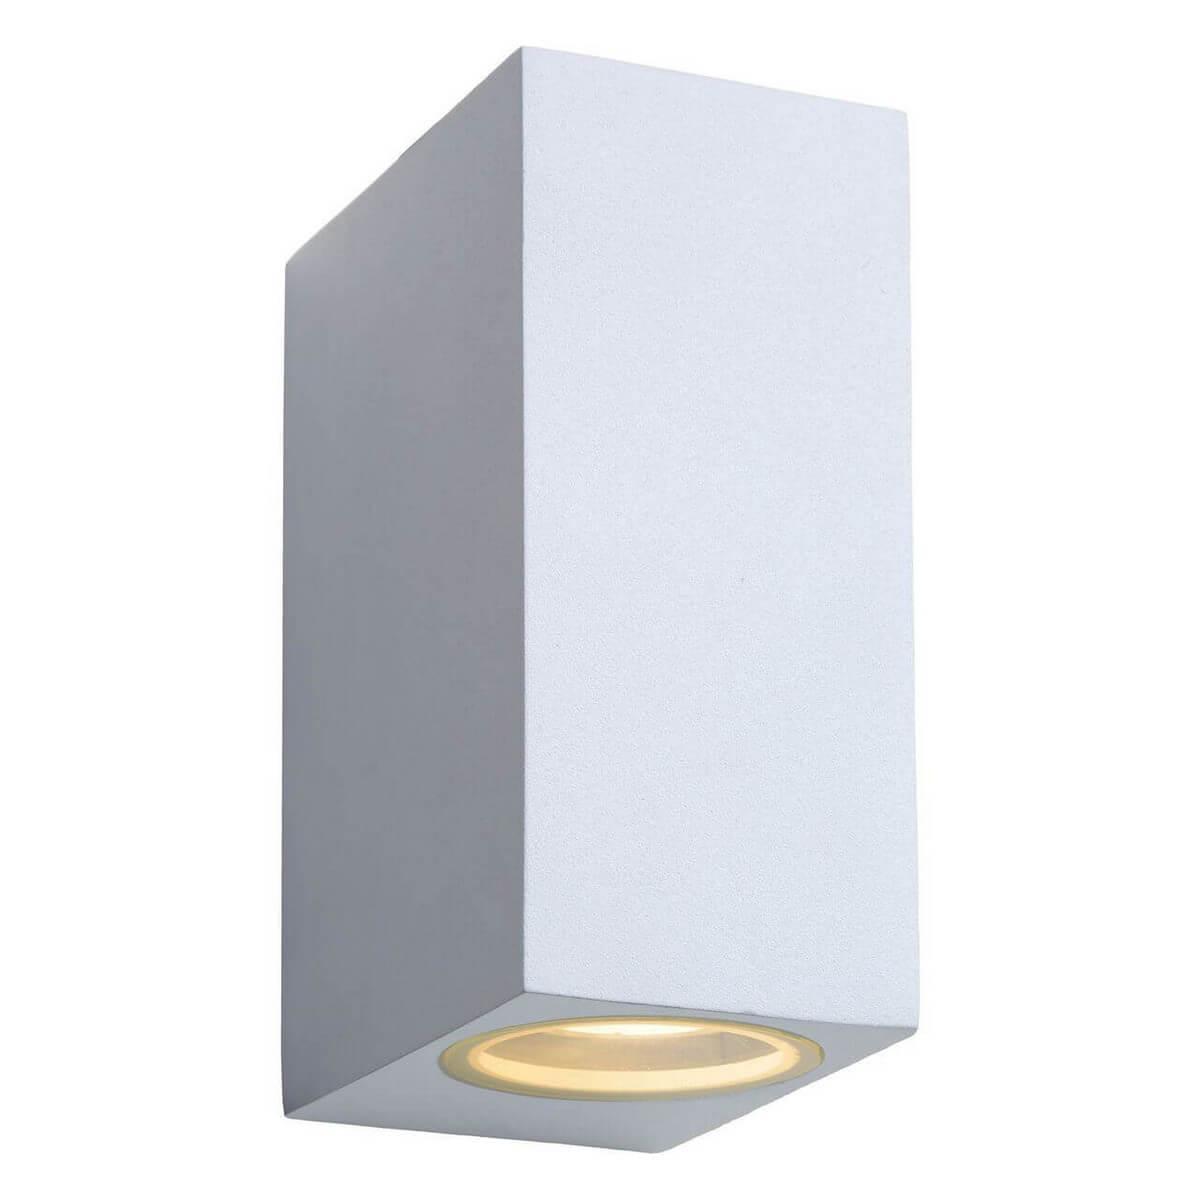 Уличный светильник Lucide 22860/10/31, GU10